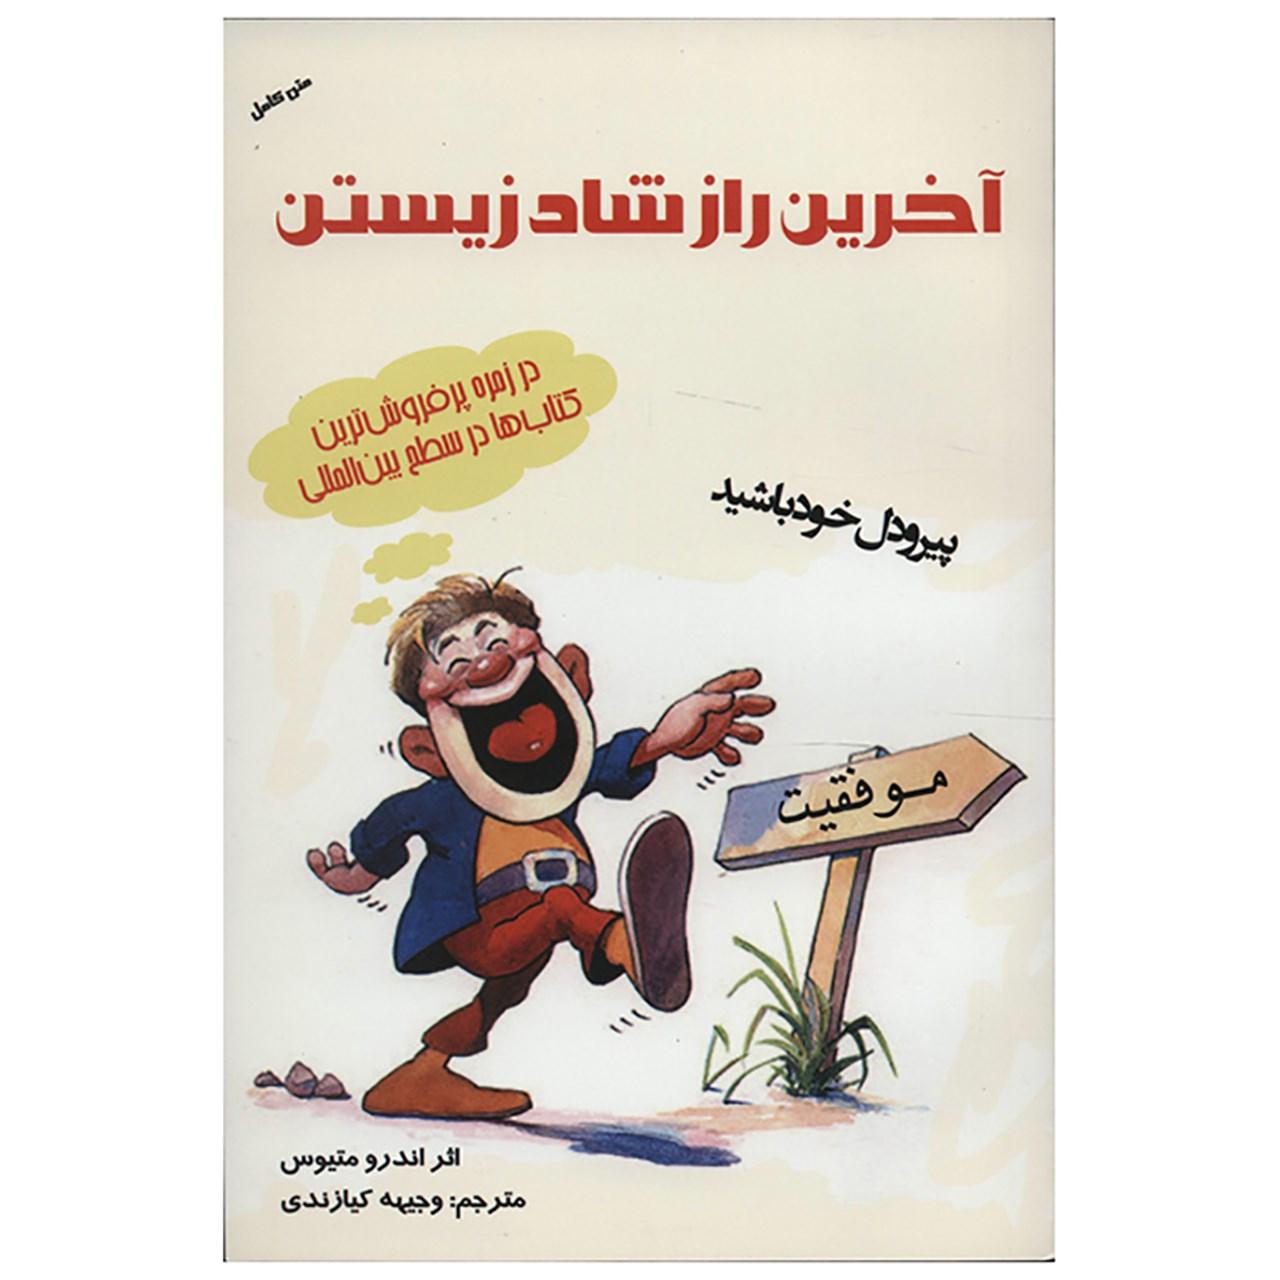 کتاب آخرین راز شاد زیستن اثر اندرو ماتیوز